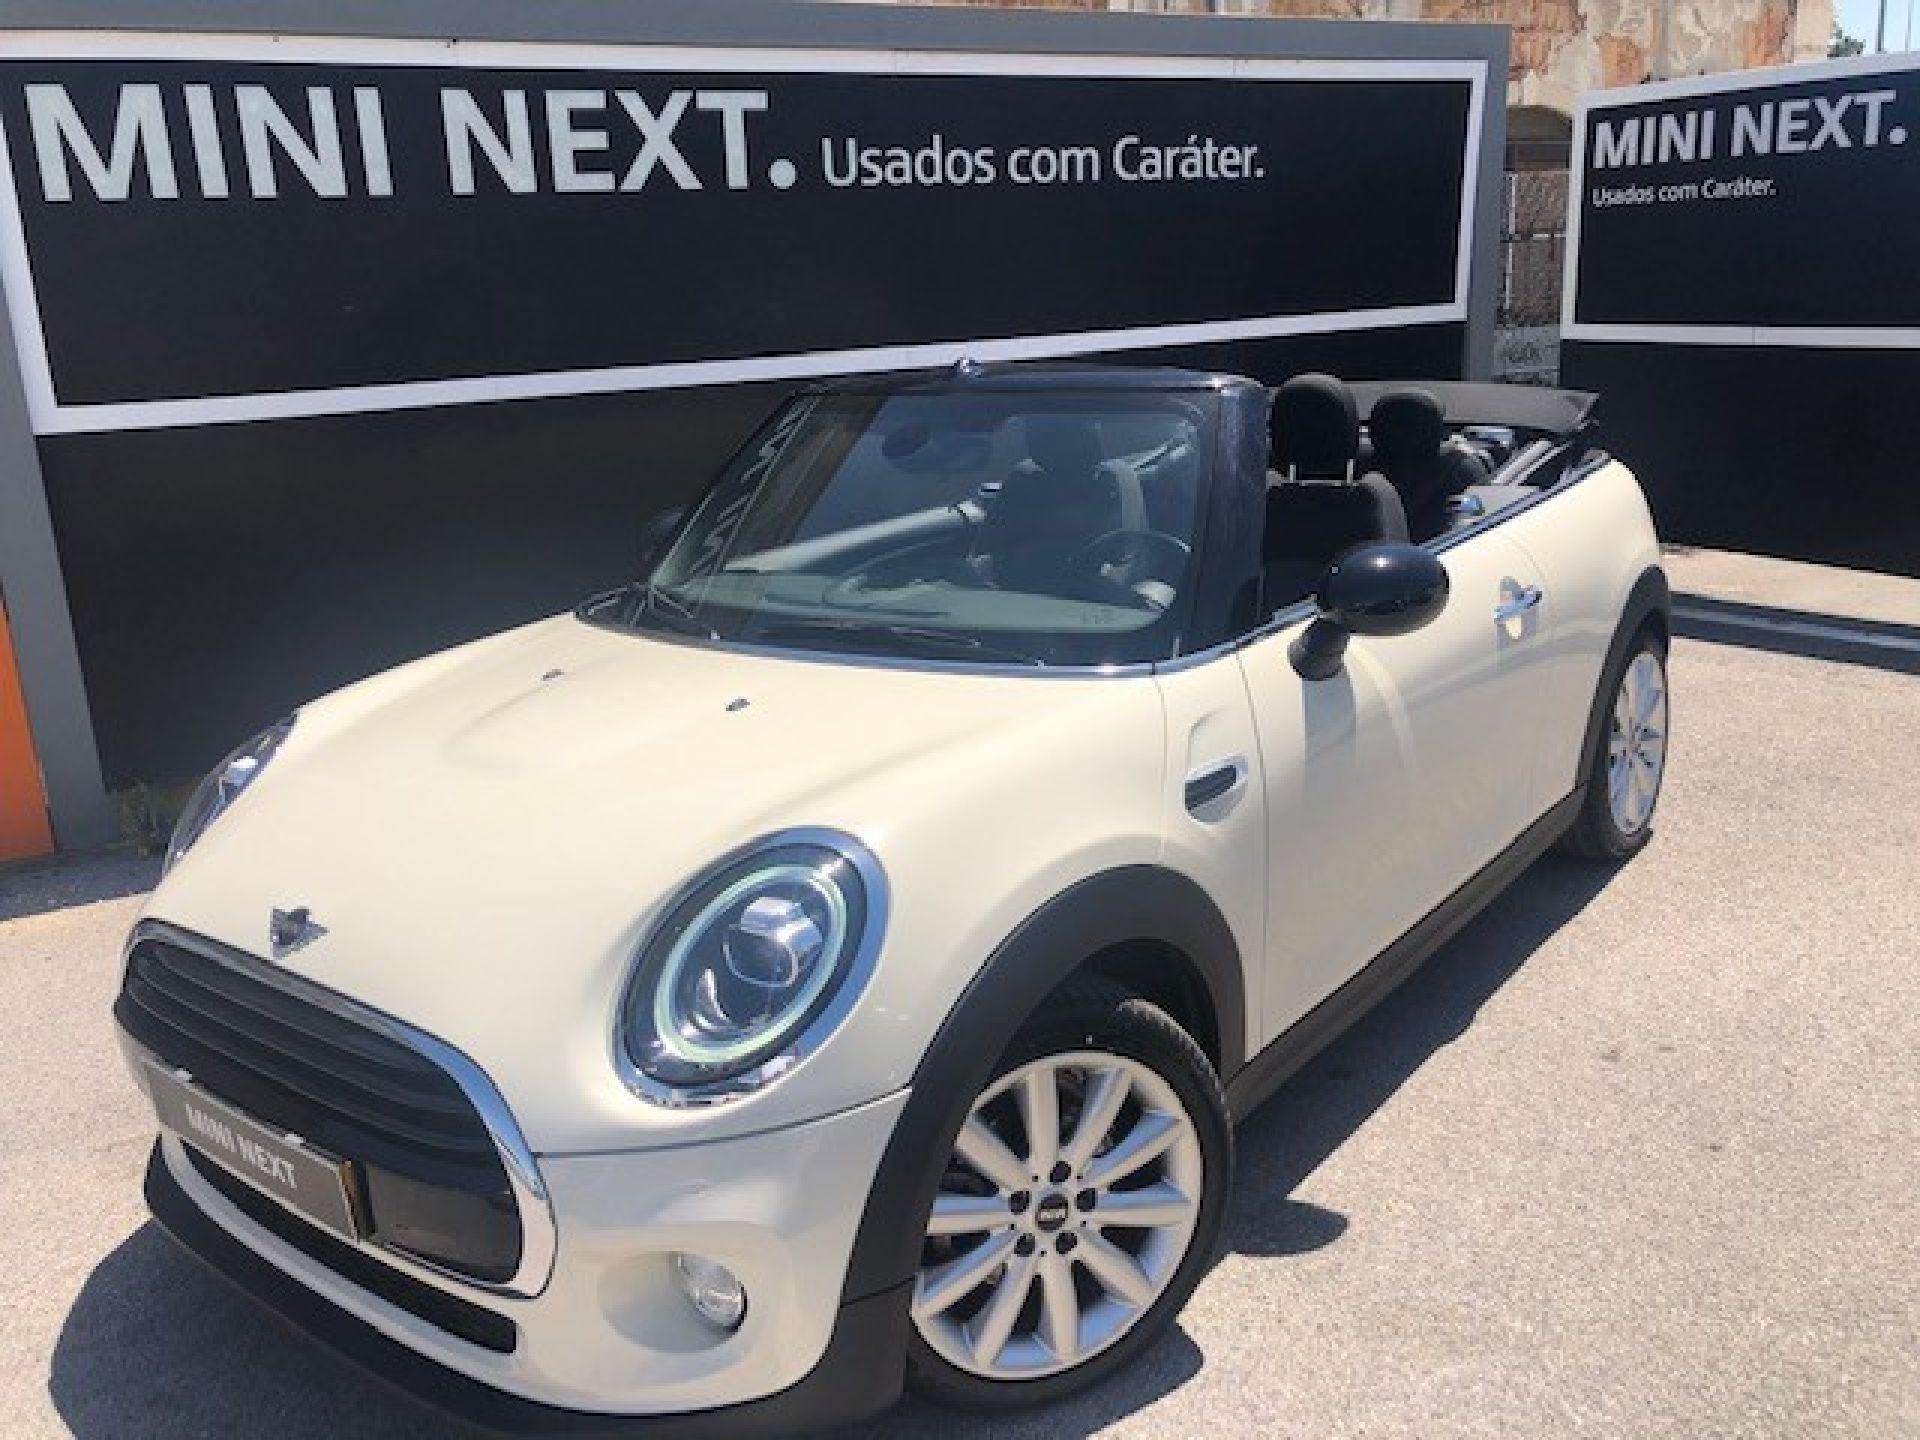 Mini Mini Cooper D Cabrio usada Lisboa